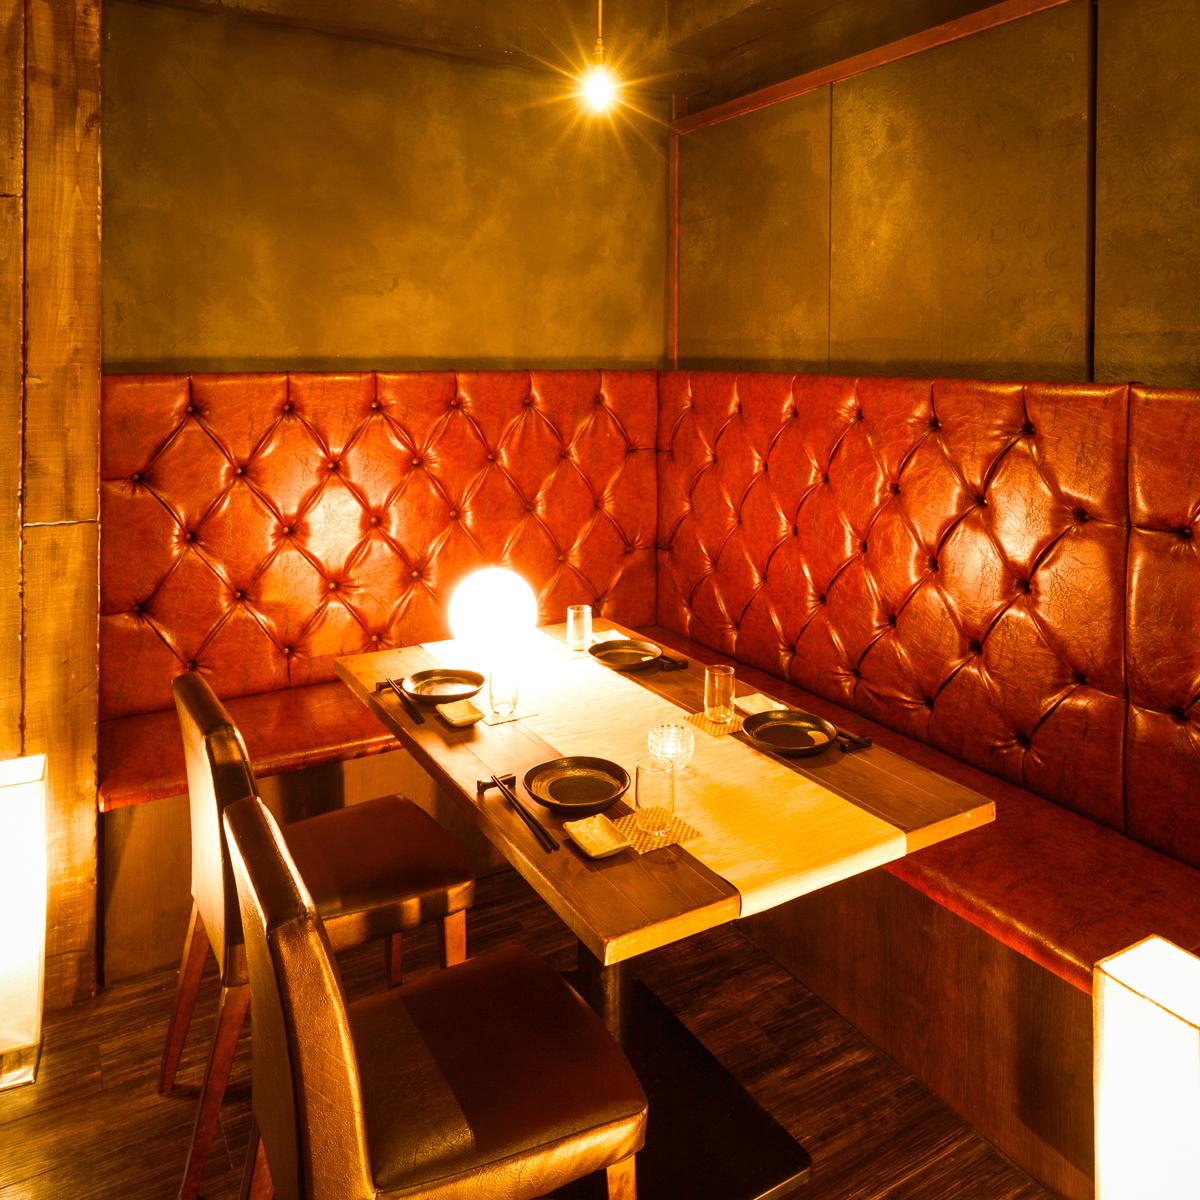 【適用於2~20人】是一個單人沙發的座位,每個人都可以並排放置,用餐,飲料美味,同時品嚐酒吧的氣氛,這是我們的標準座位。